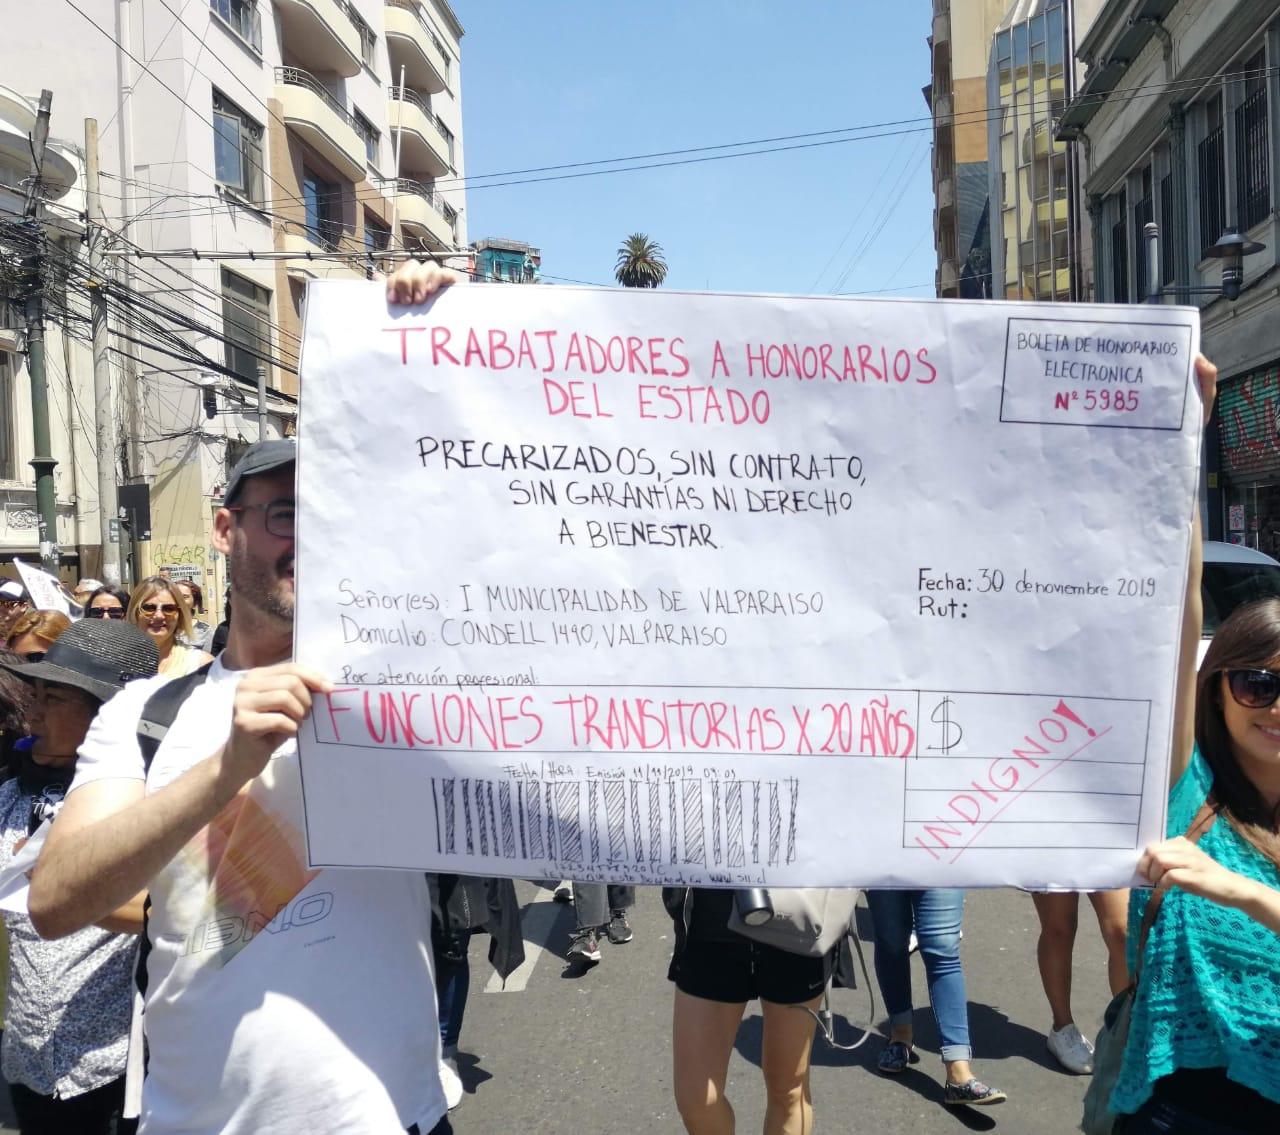 Presentan proyecto para que trabajadores a honorarios reciban su devolución de impuestos sin descuentos obligatorios